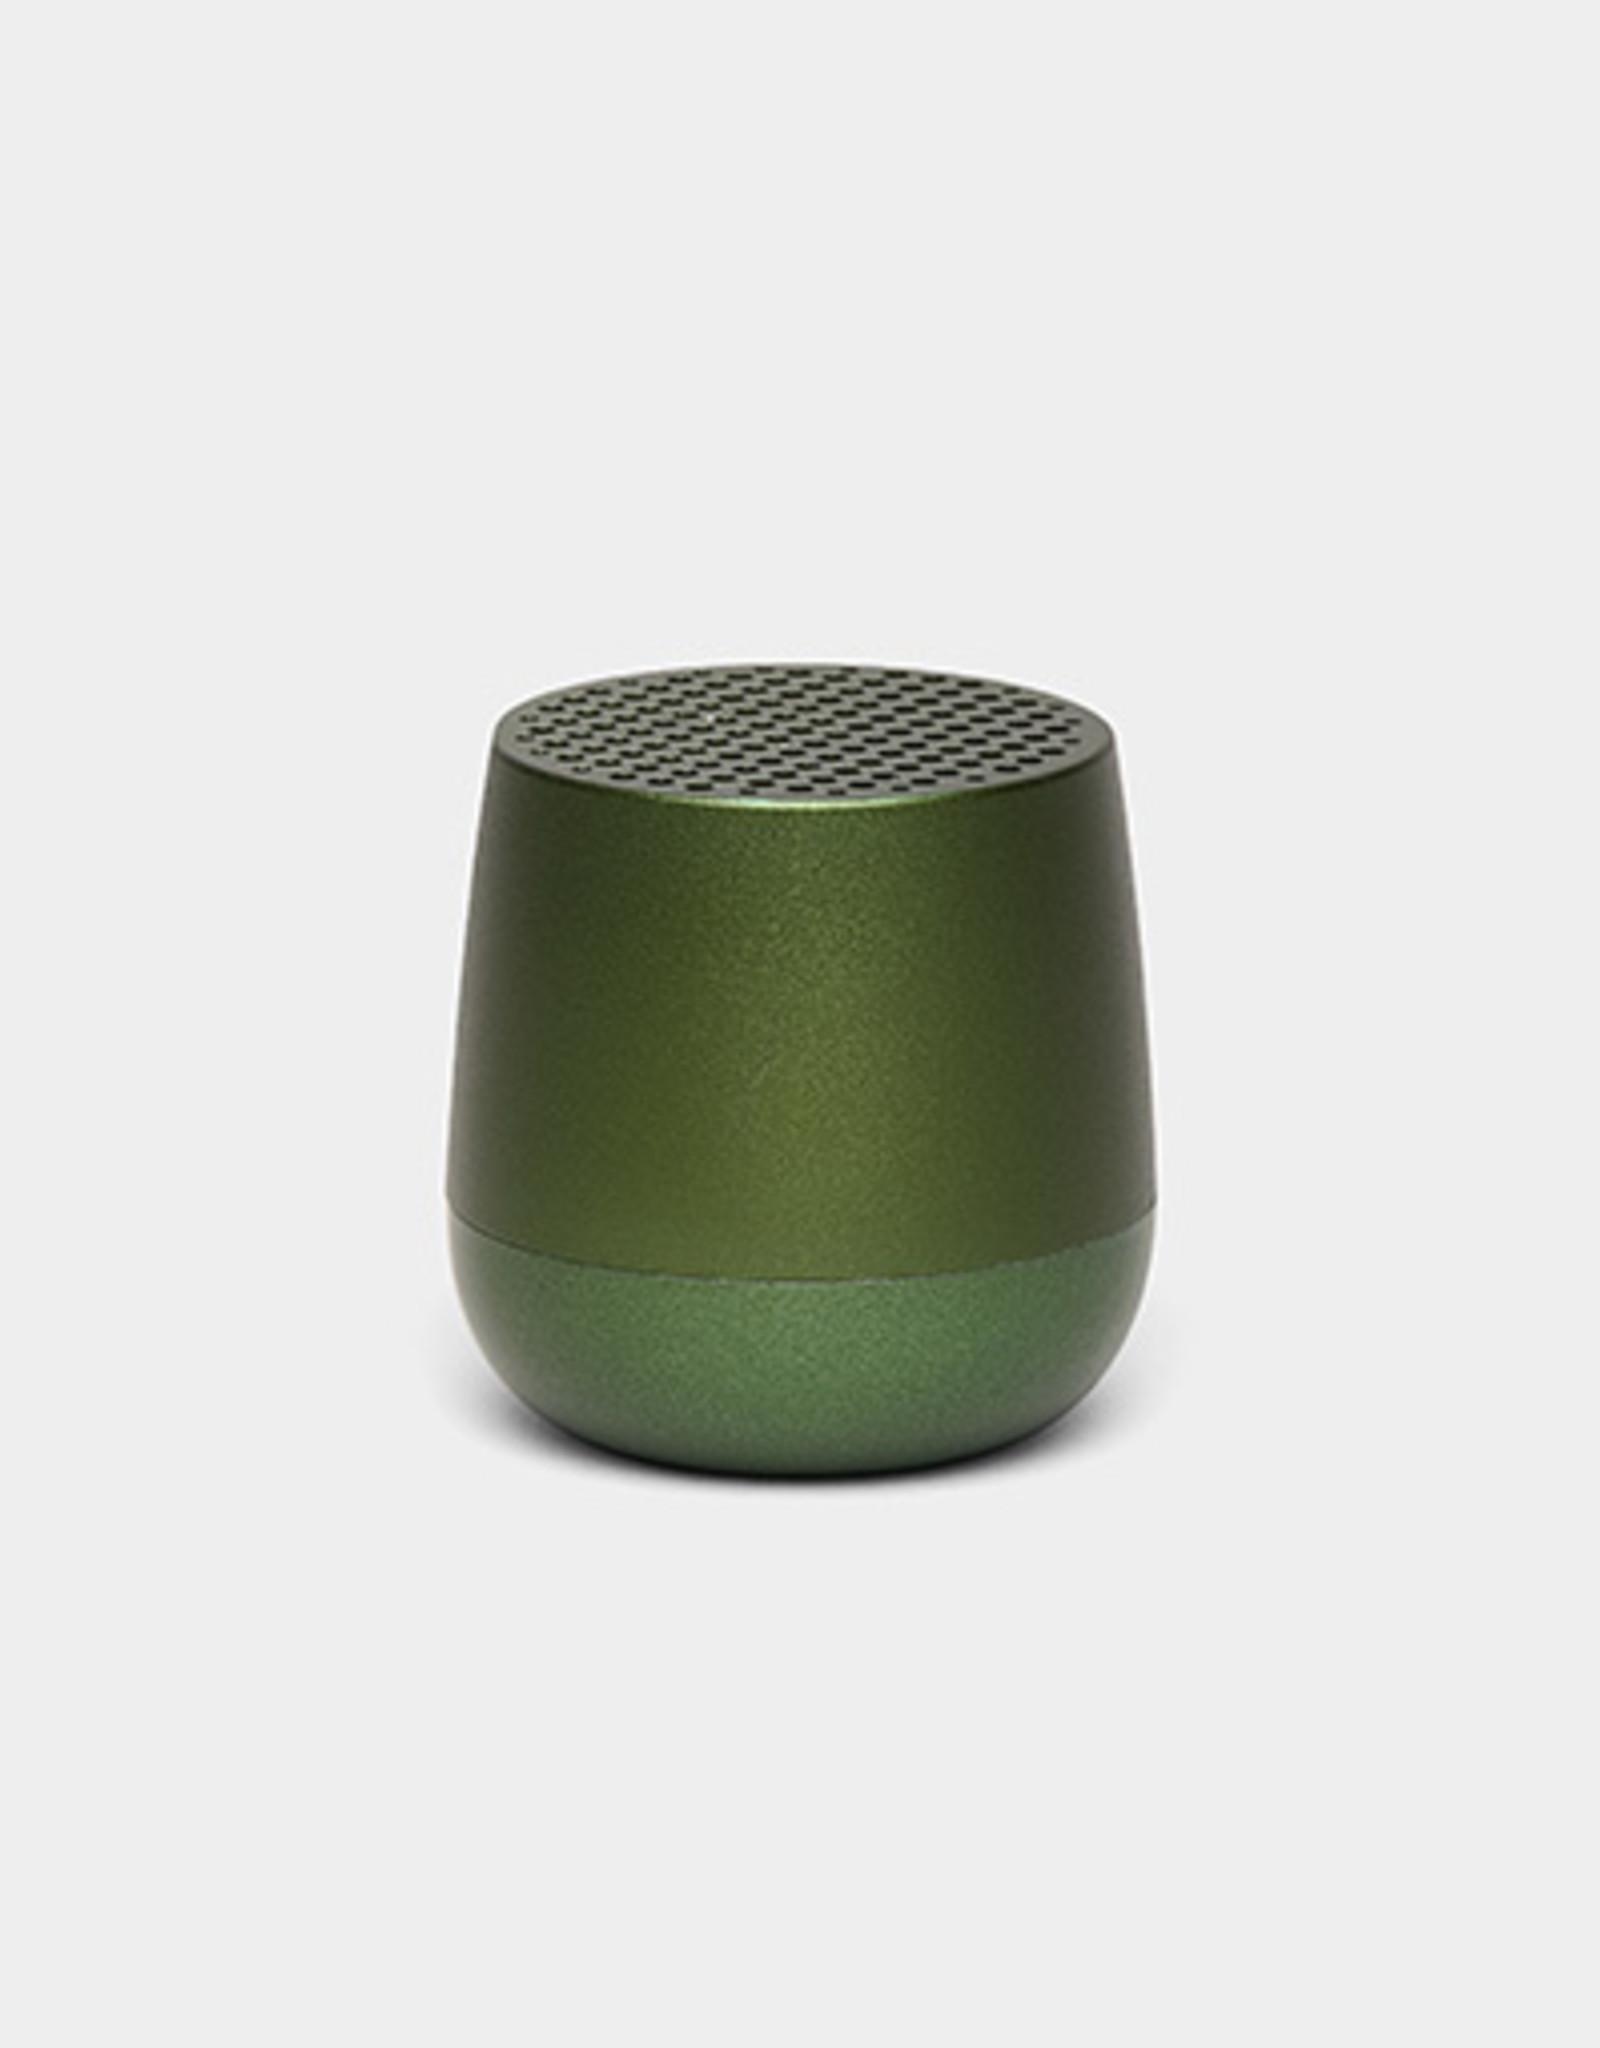 Lexon Lexon-Mino+ Speaker